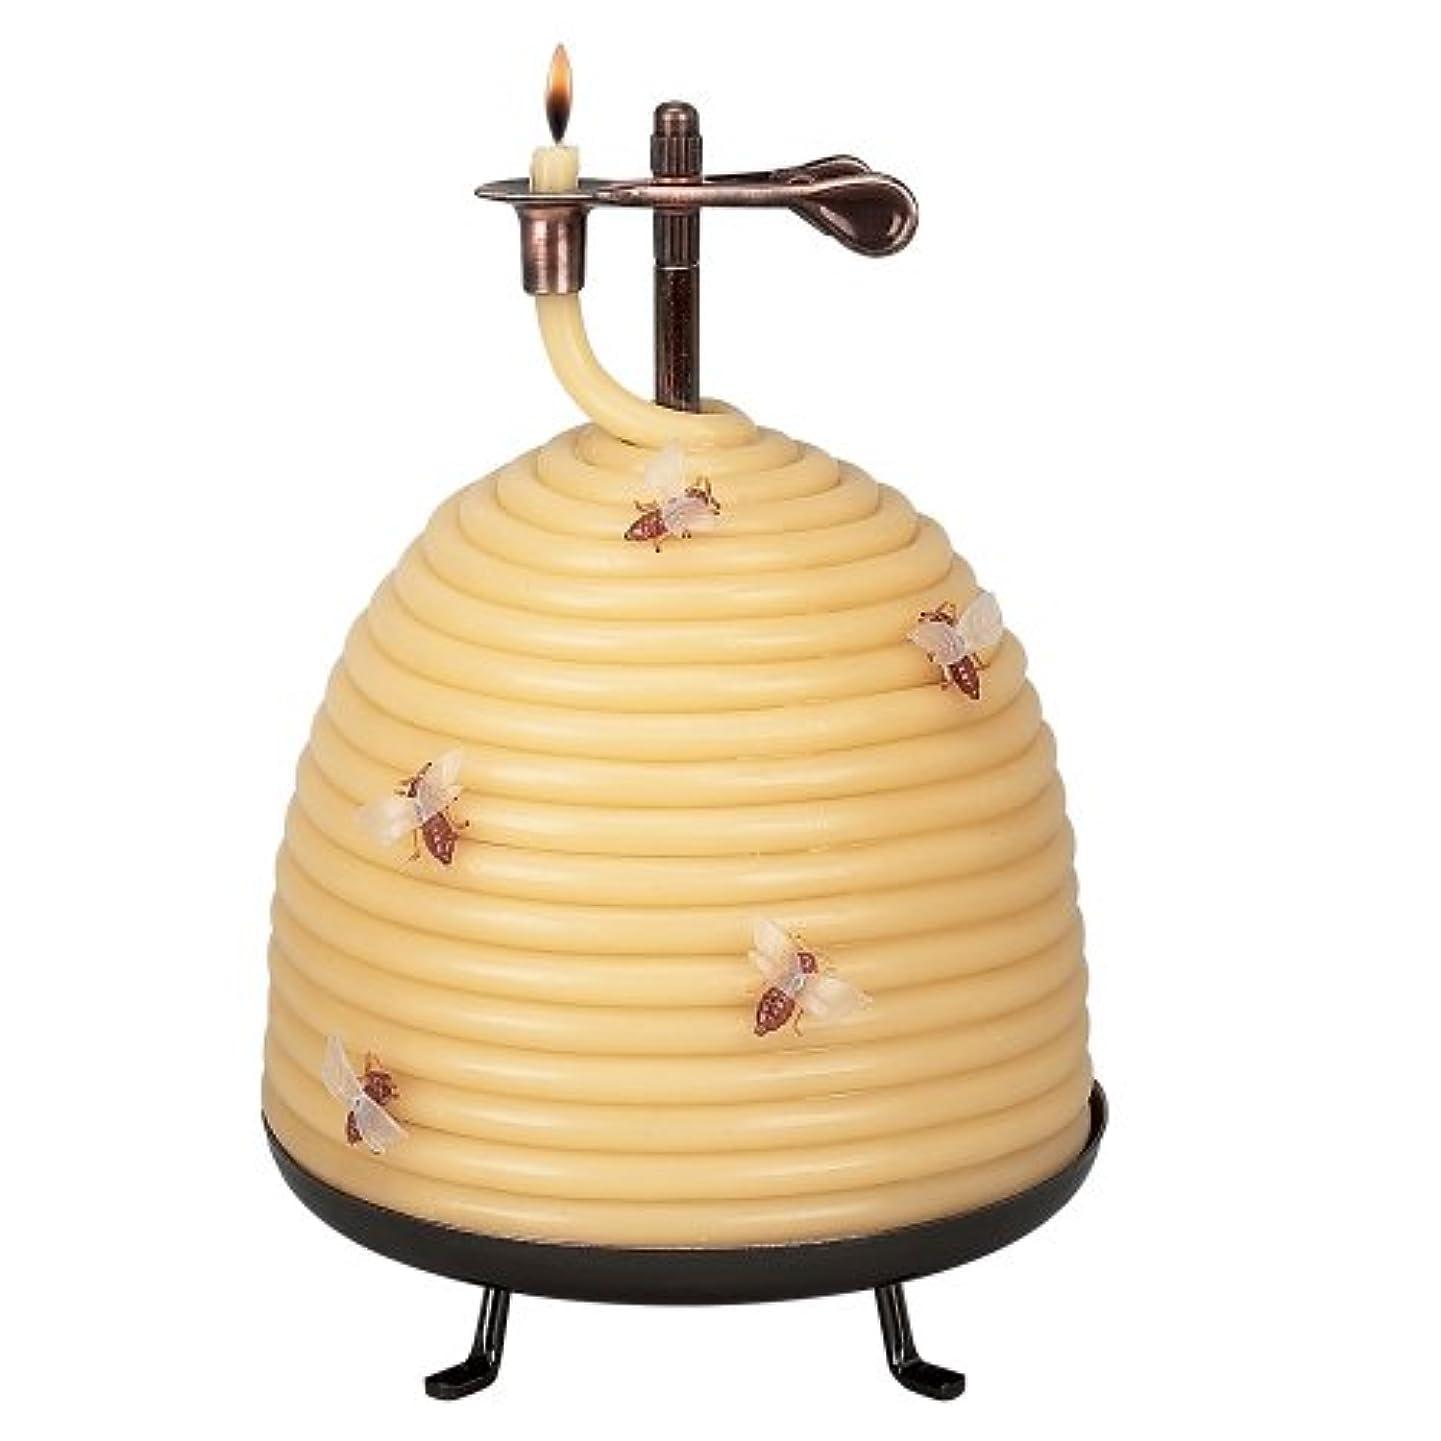 コーナーモニター無臭Candle By The Hour 20642B 120 Hour Beehive Coil Candle